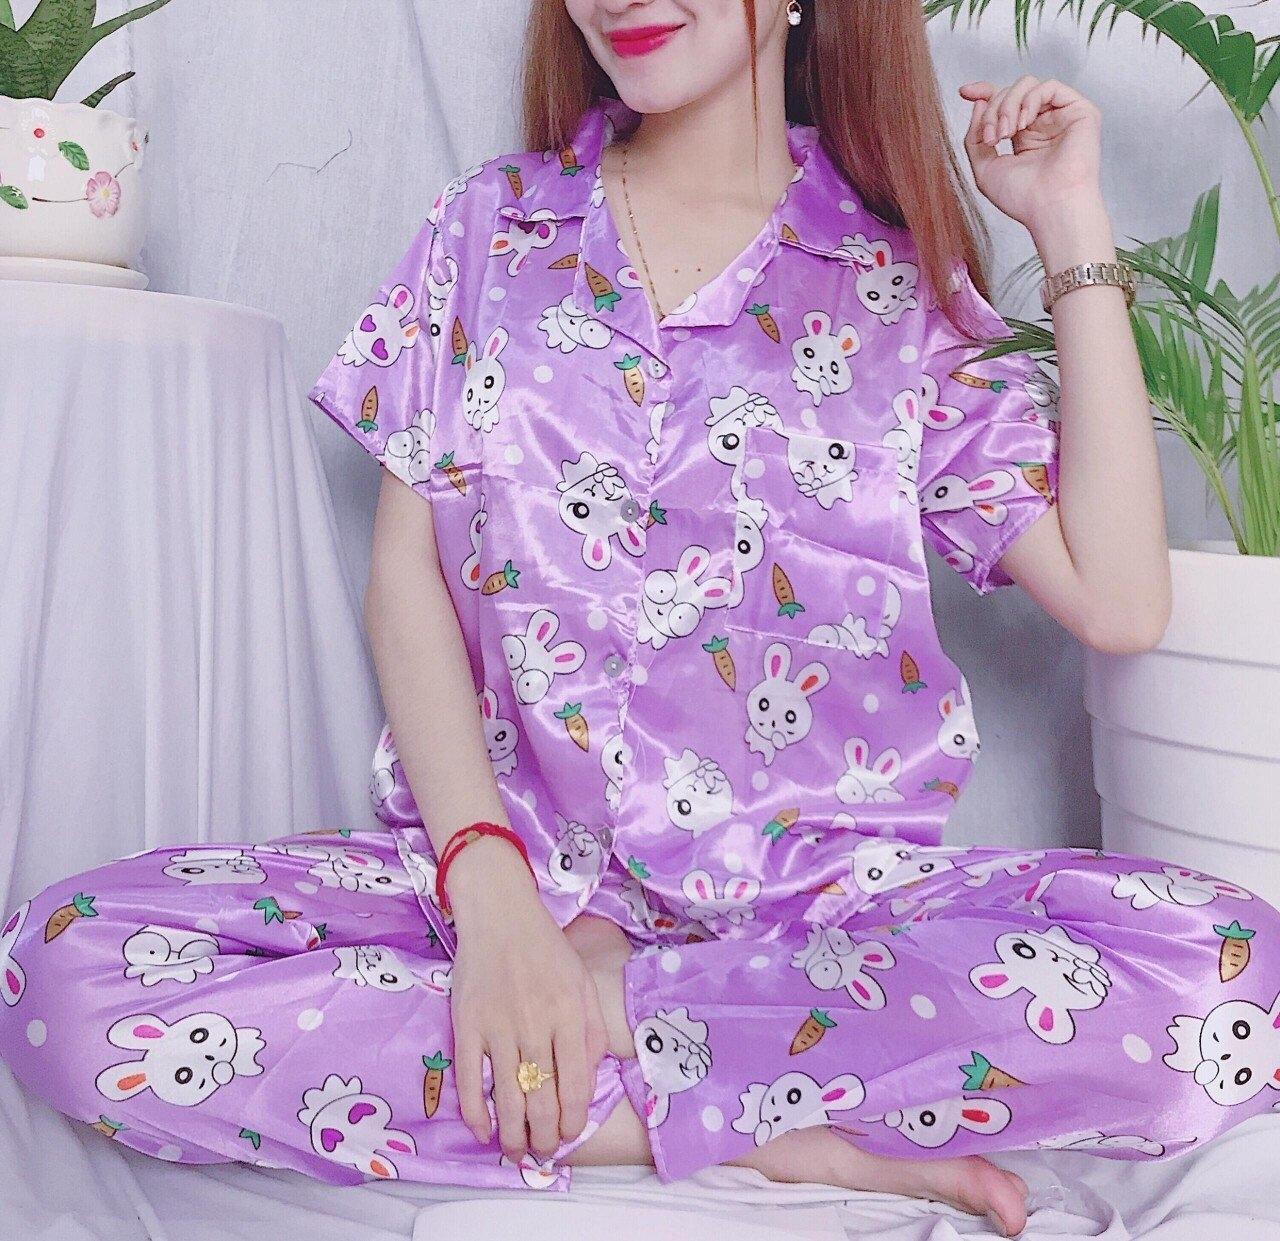 Đồ bộ pijama phi hoạt hình quần dài tay ngắn size dưới 50kg giao mẫu ngẫu nhiên